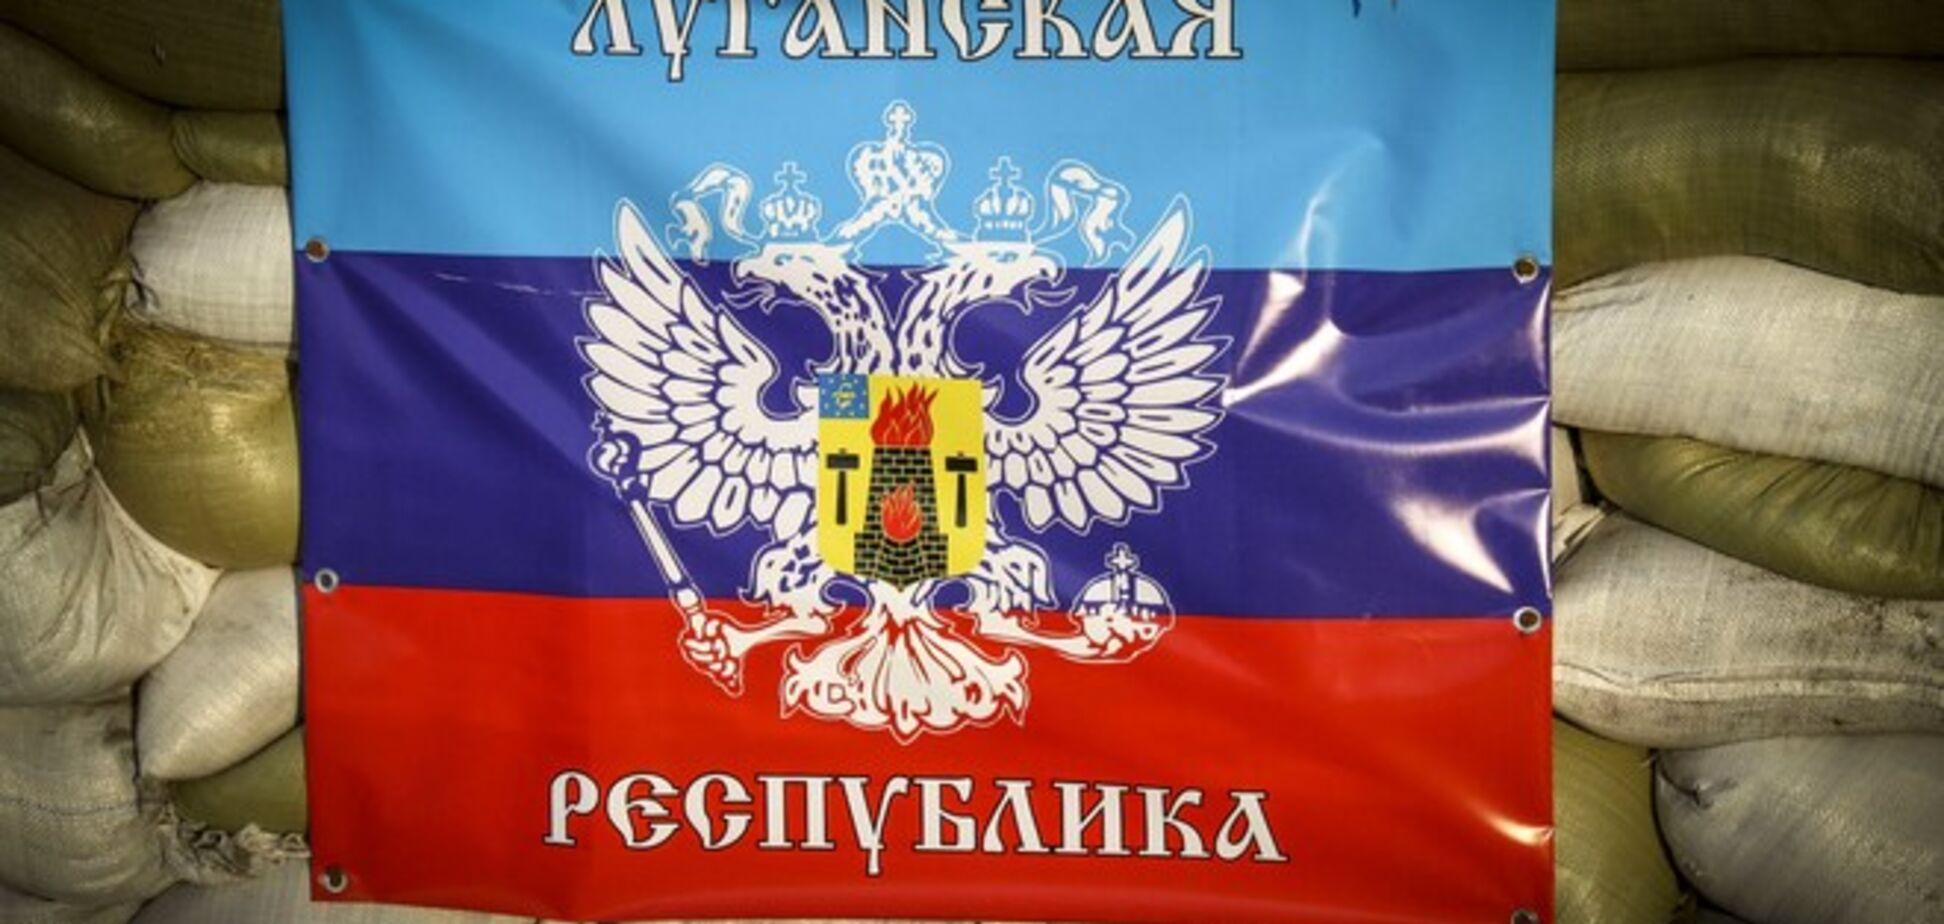 Глава 'ЛНР' приказал сохранять за террористами места и выплачивать им зарплату